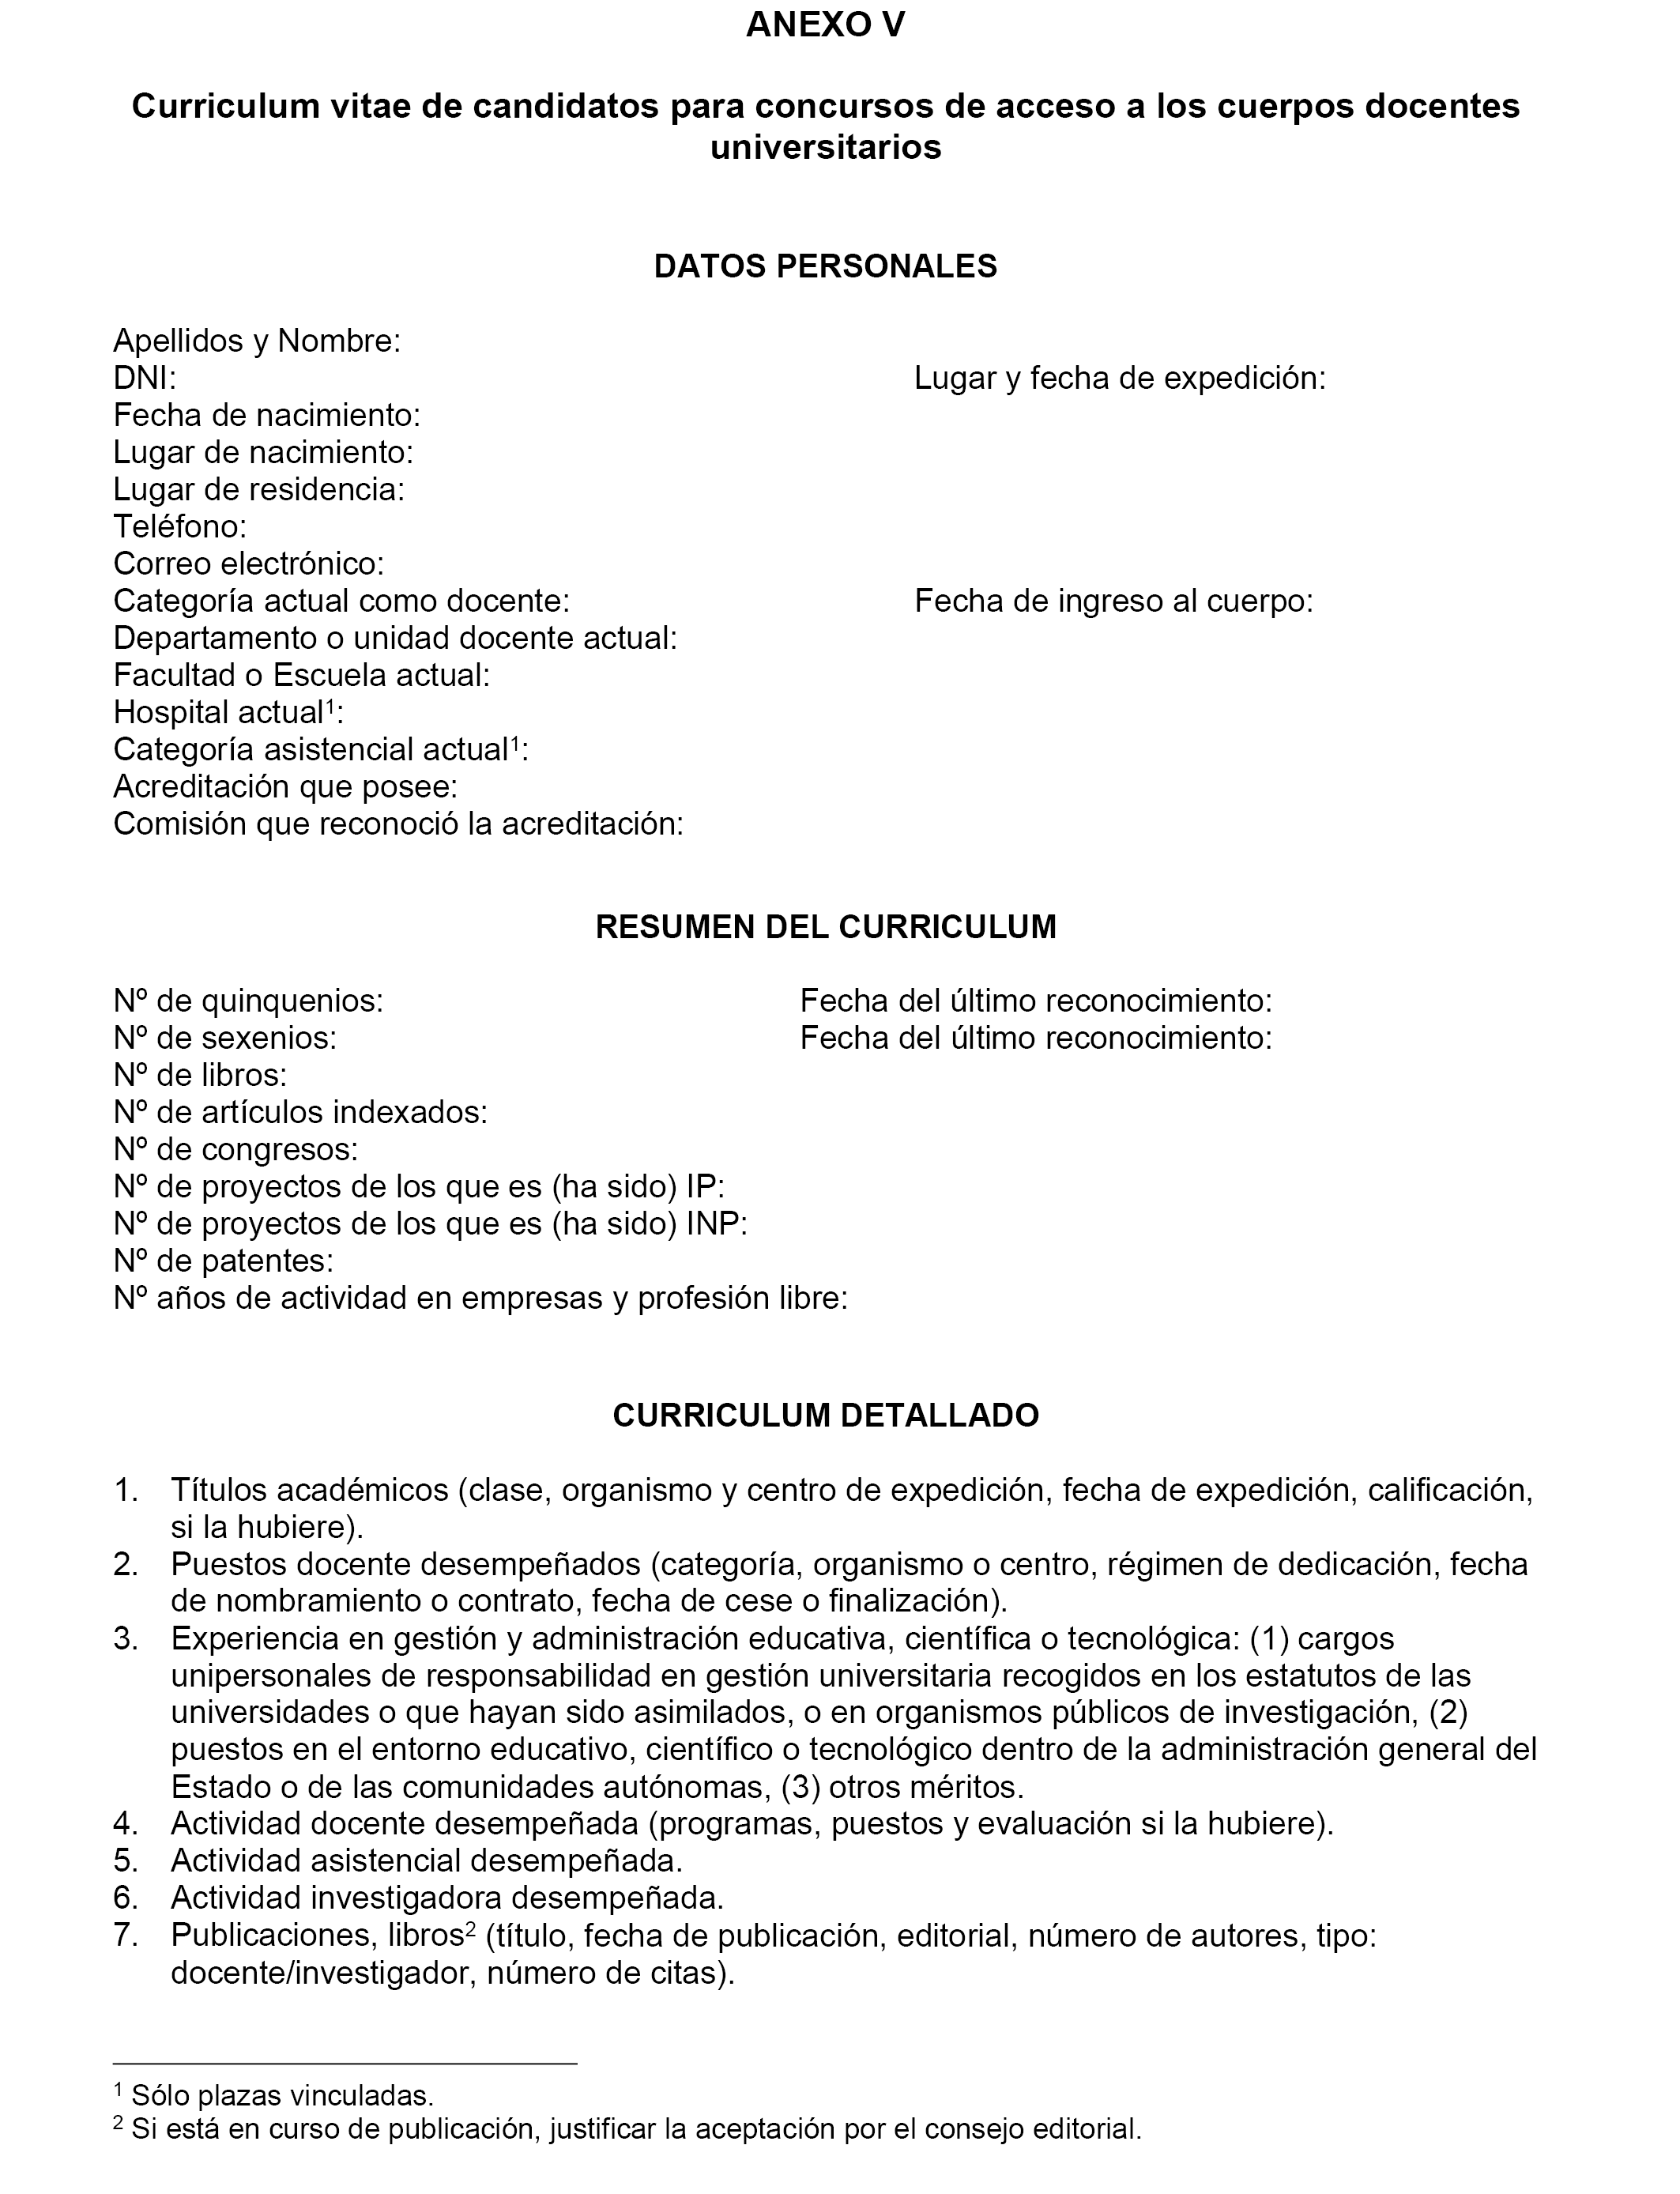 Moderno Curriculum Vitae Para Profesores Elaboración - Ejemplo De ...